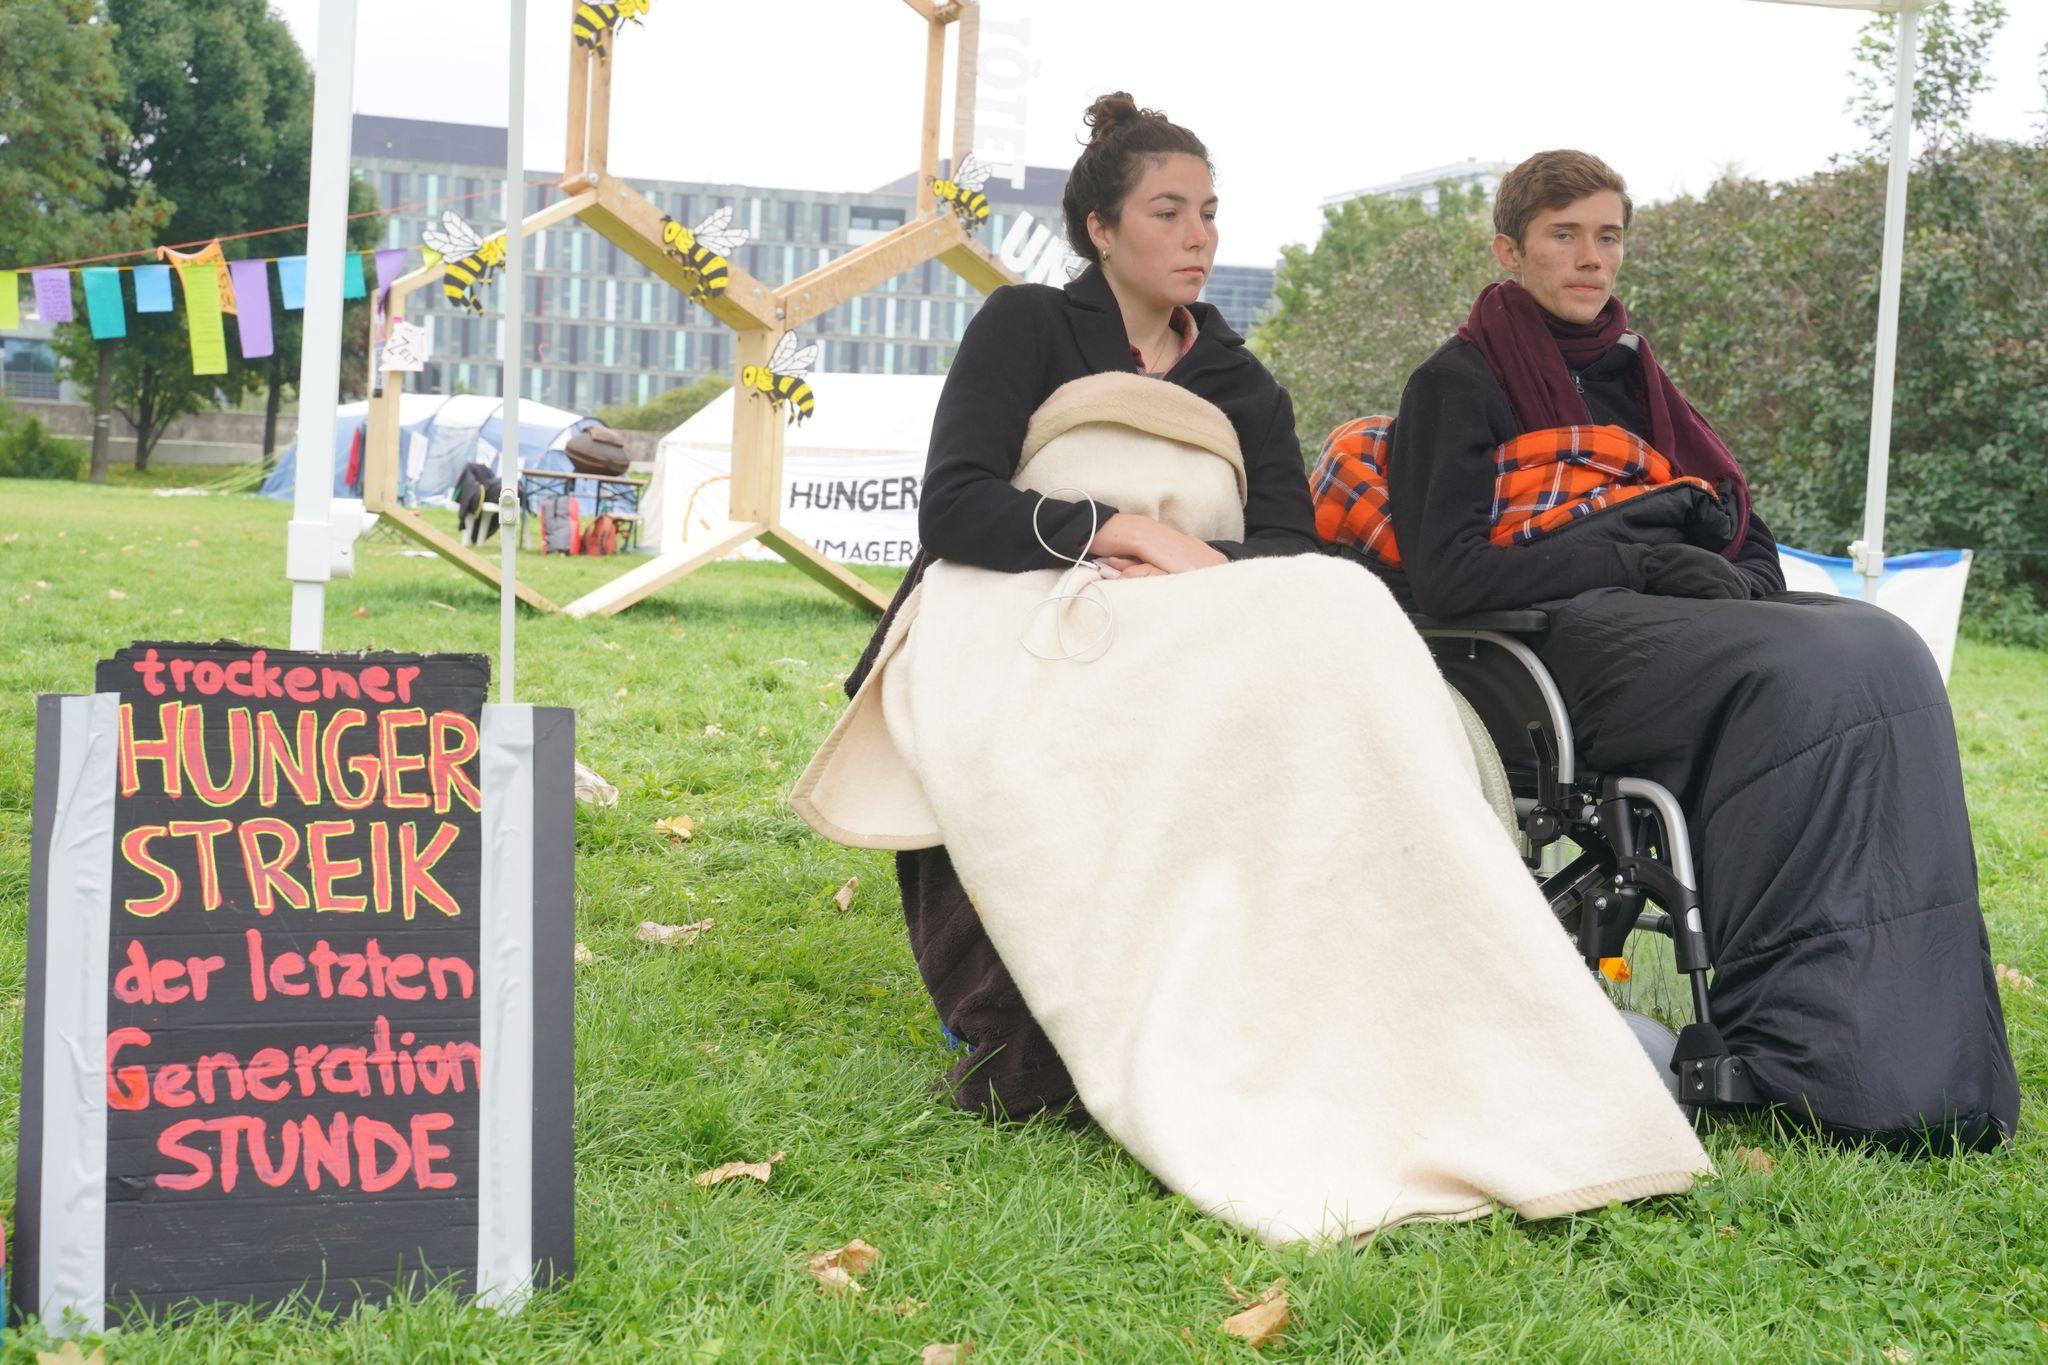 Klimaaktivisten brechen Hungerstreik ab - Scholz: Bin froh